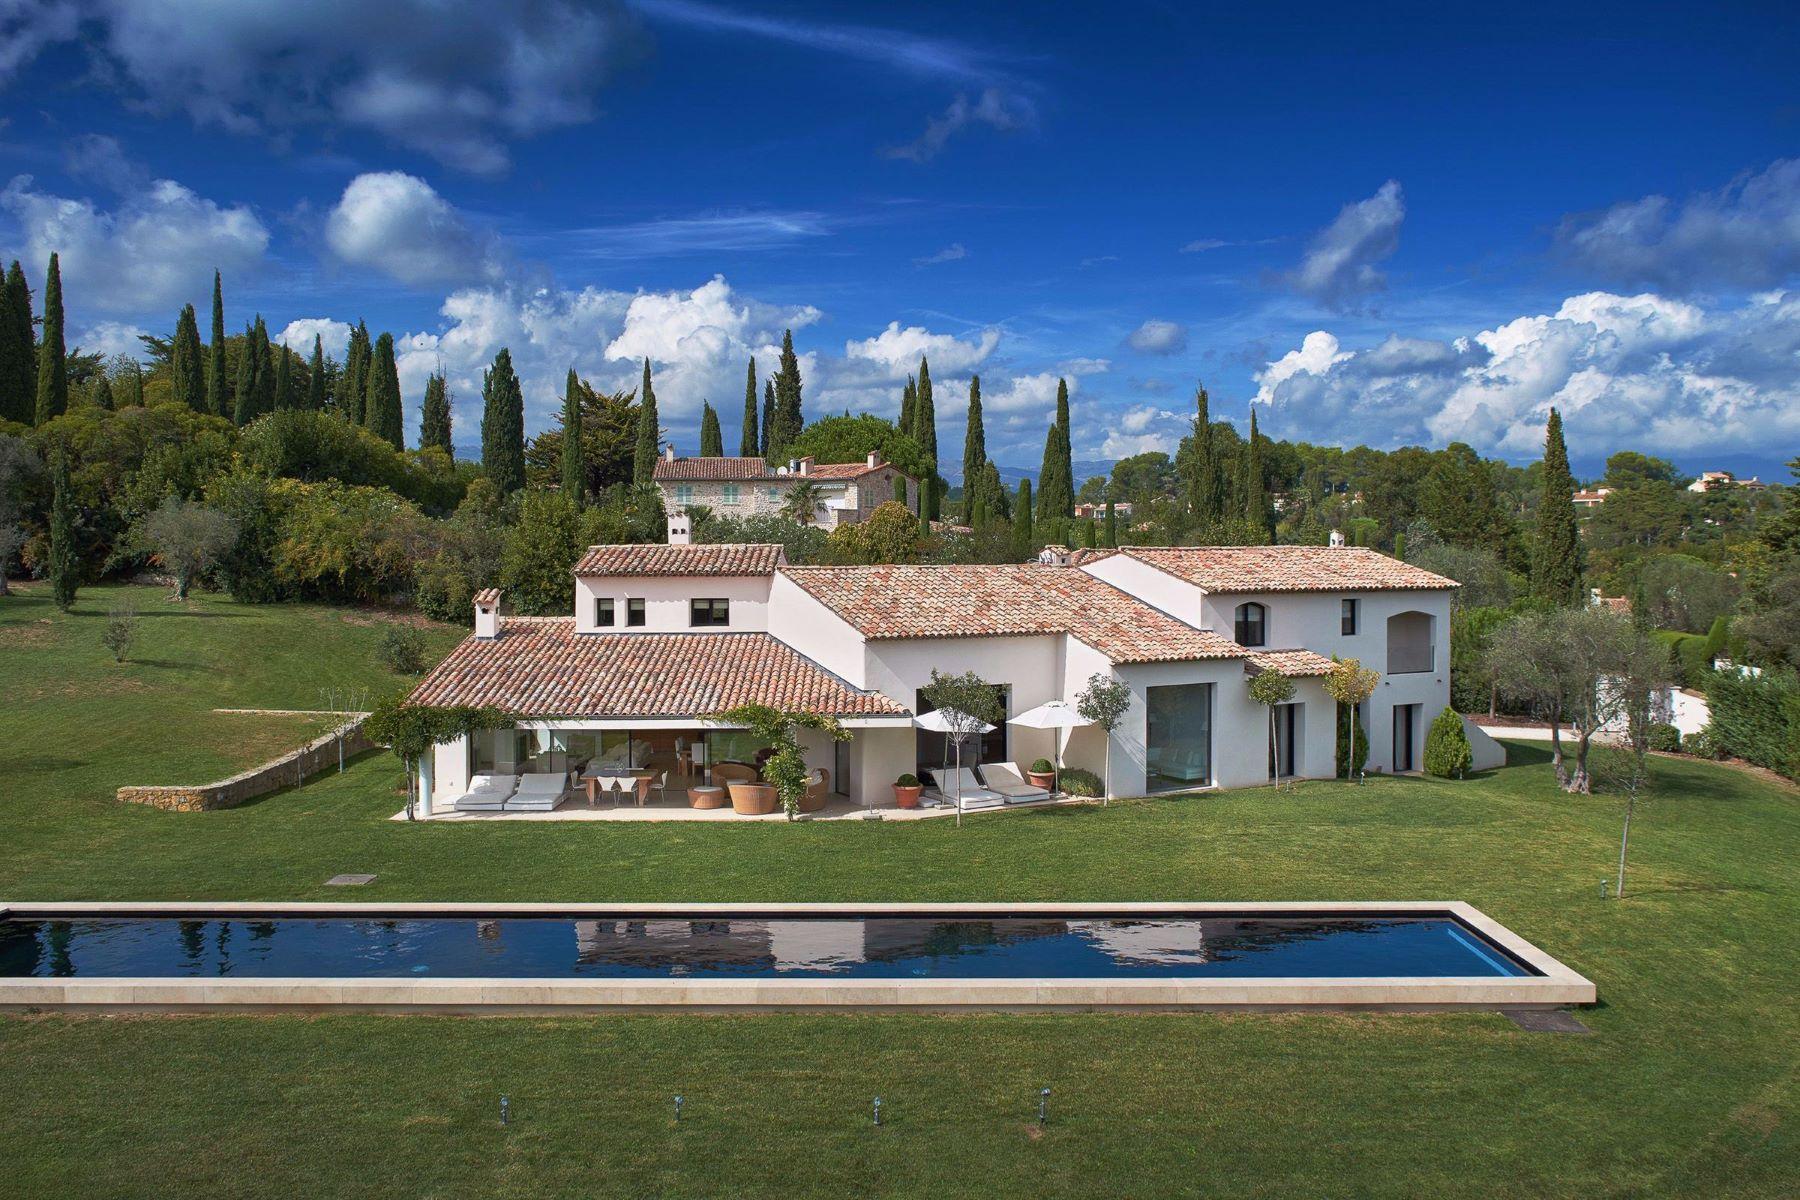 Moradia para Venda às State-of-the-art property for sale in Mougins Mougins, Provença-Alpes-Costa Azul, 06250 França